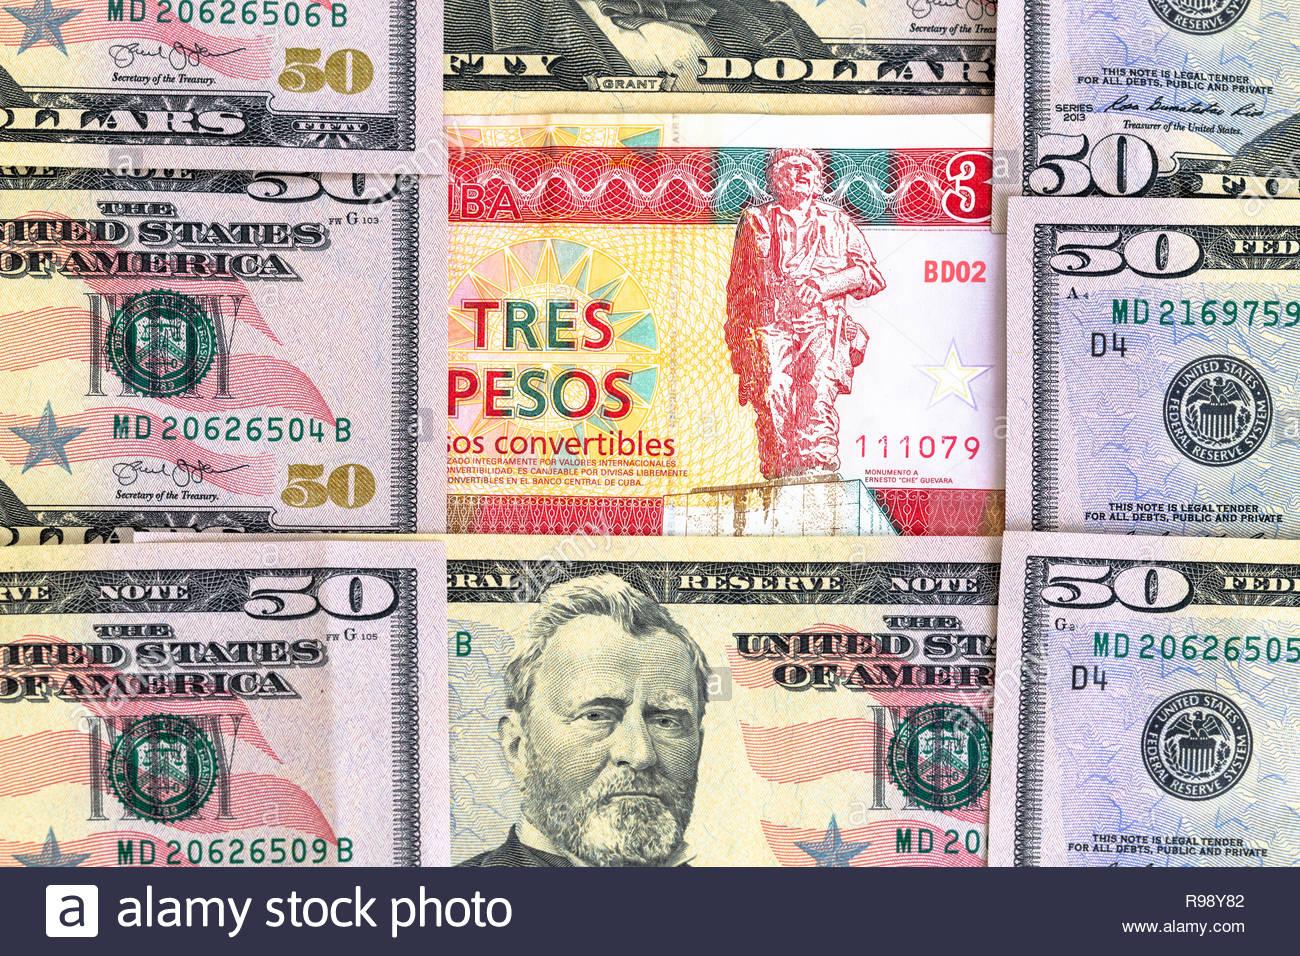 Embargo des États-Unis ou blocus contre Cuba. Concept. Une banque cubaine 3 CUC remarque avec Che Guevara est entouré de 50 dollar bills représentant Grant Photo Stock